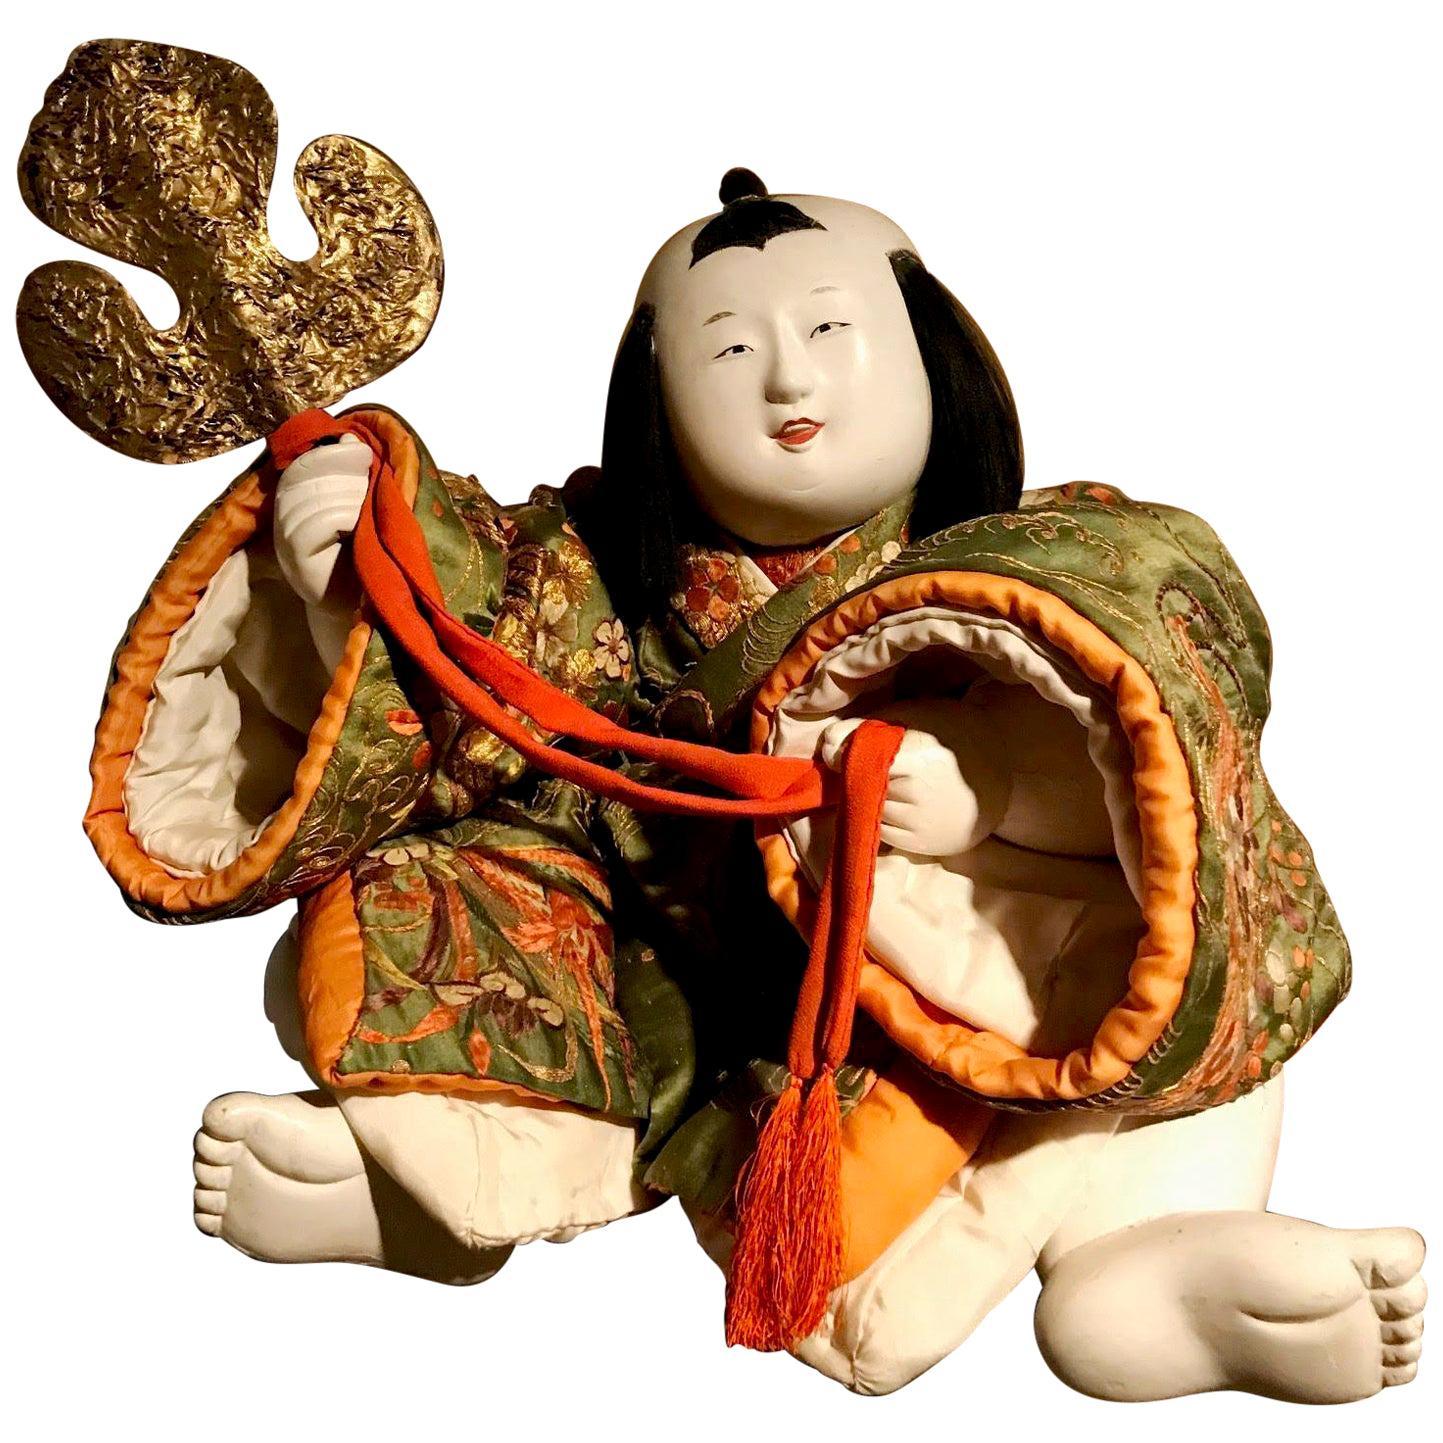 Japanese Late Edo Period Seated Imperial Gosho Ningyo Doll